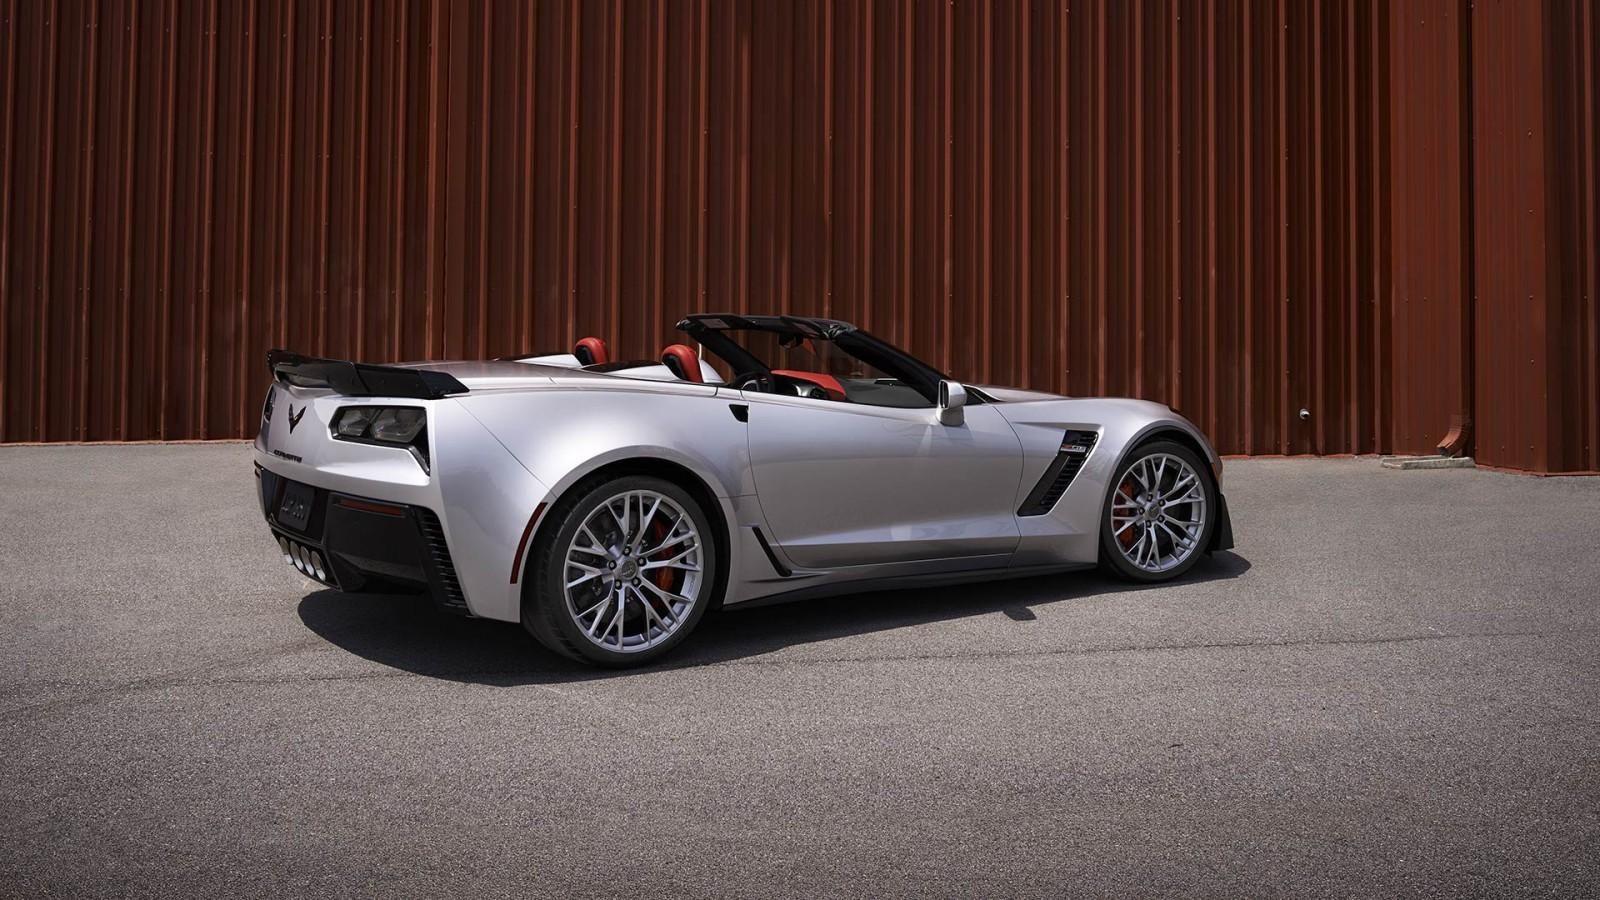 Boston Corvette Dealer Lease And Finance Offers Corvette Z06 Chevy Corvette Chevy Corvette Z06